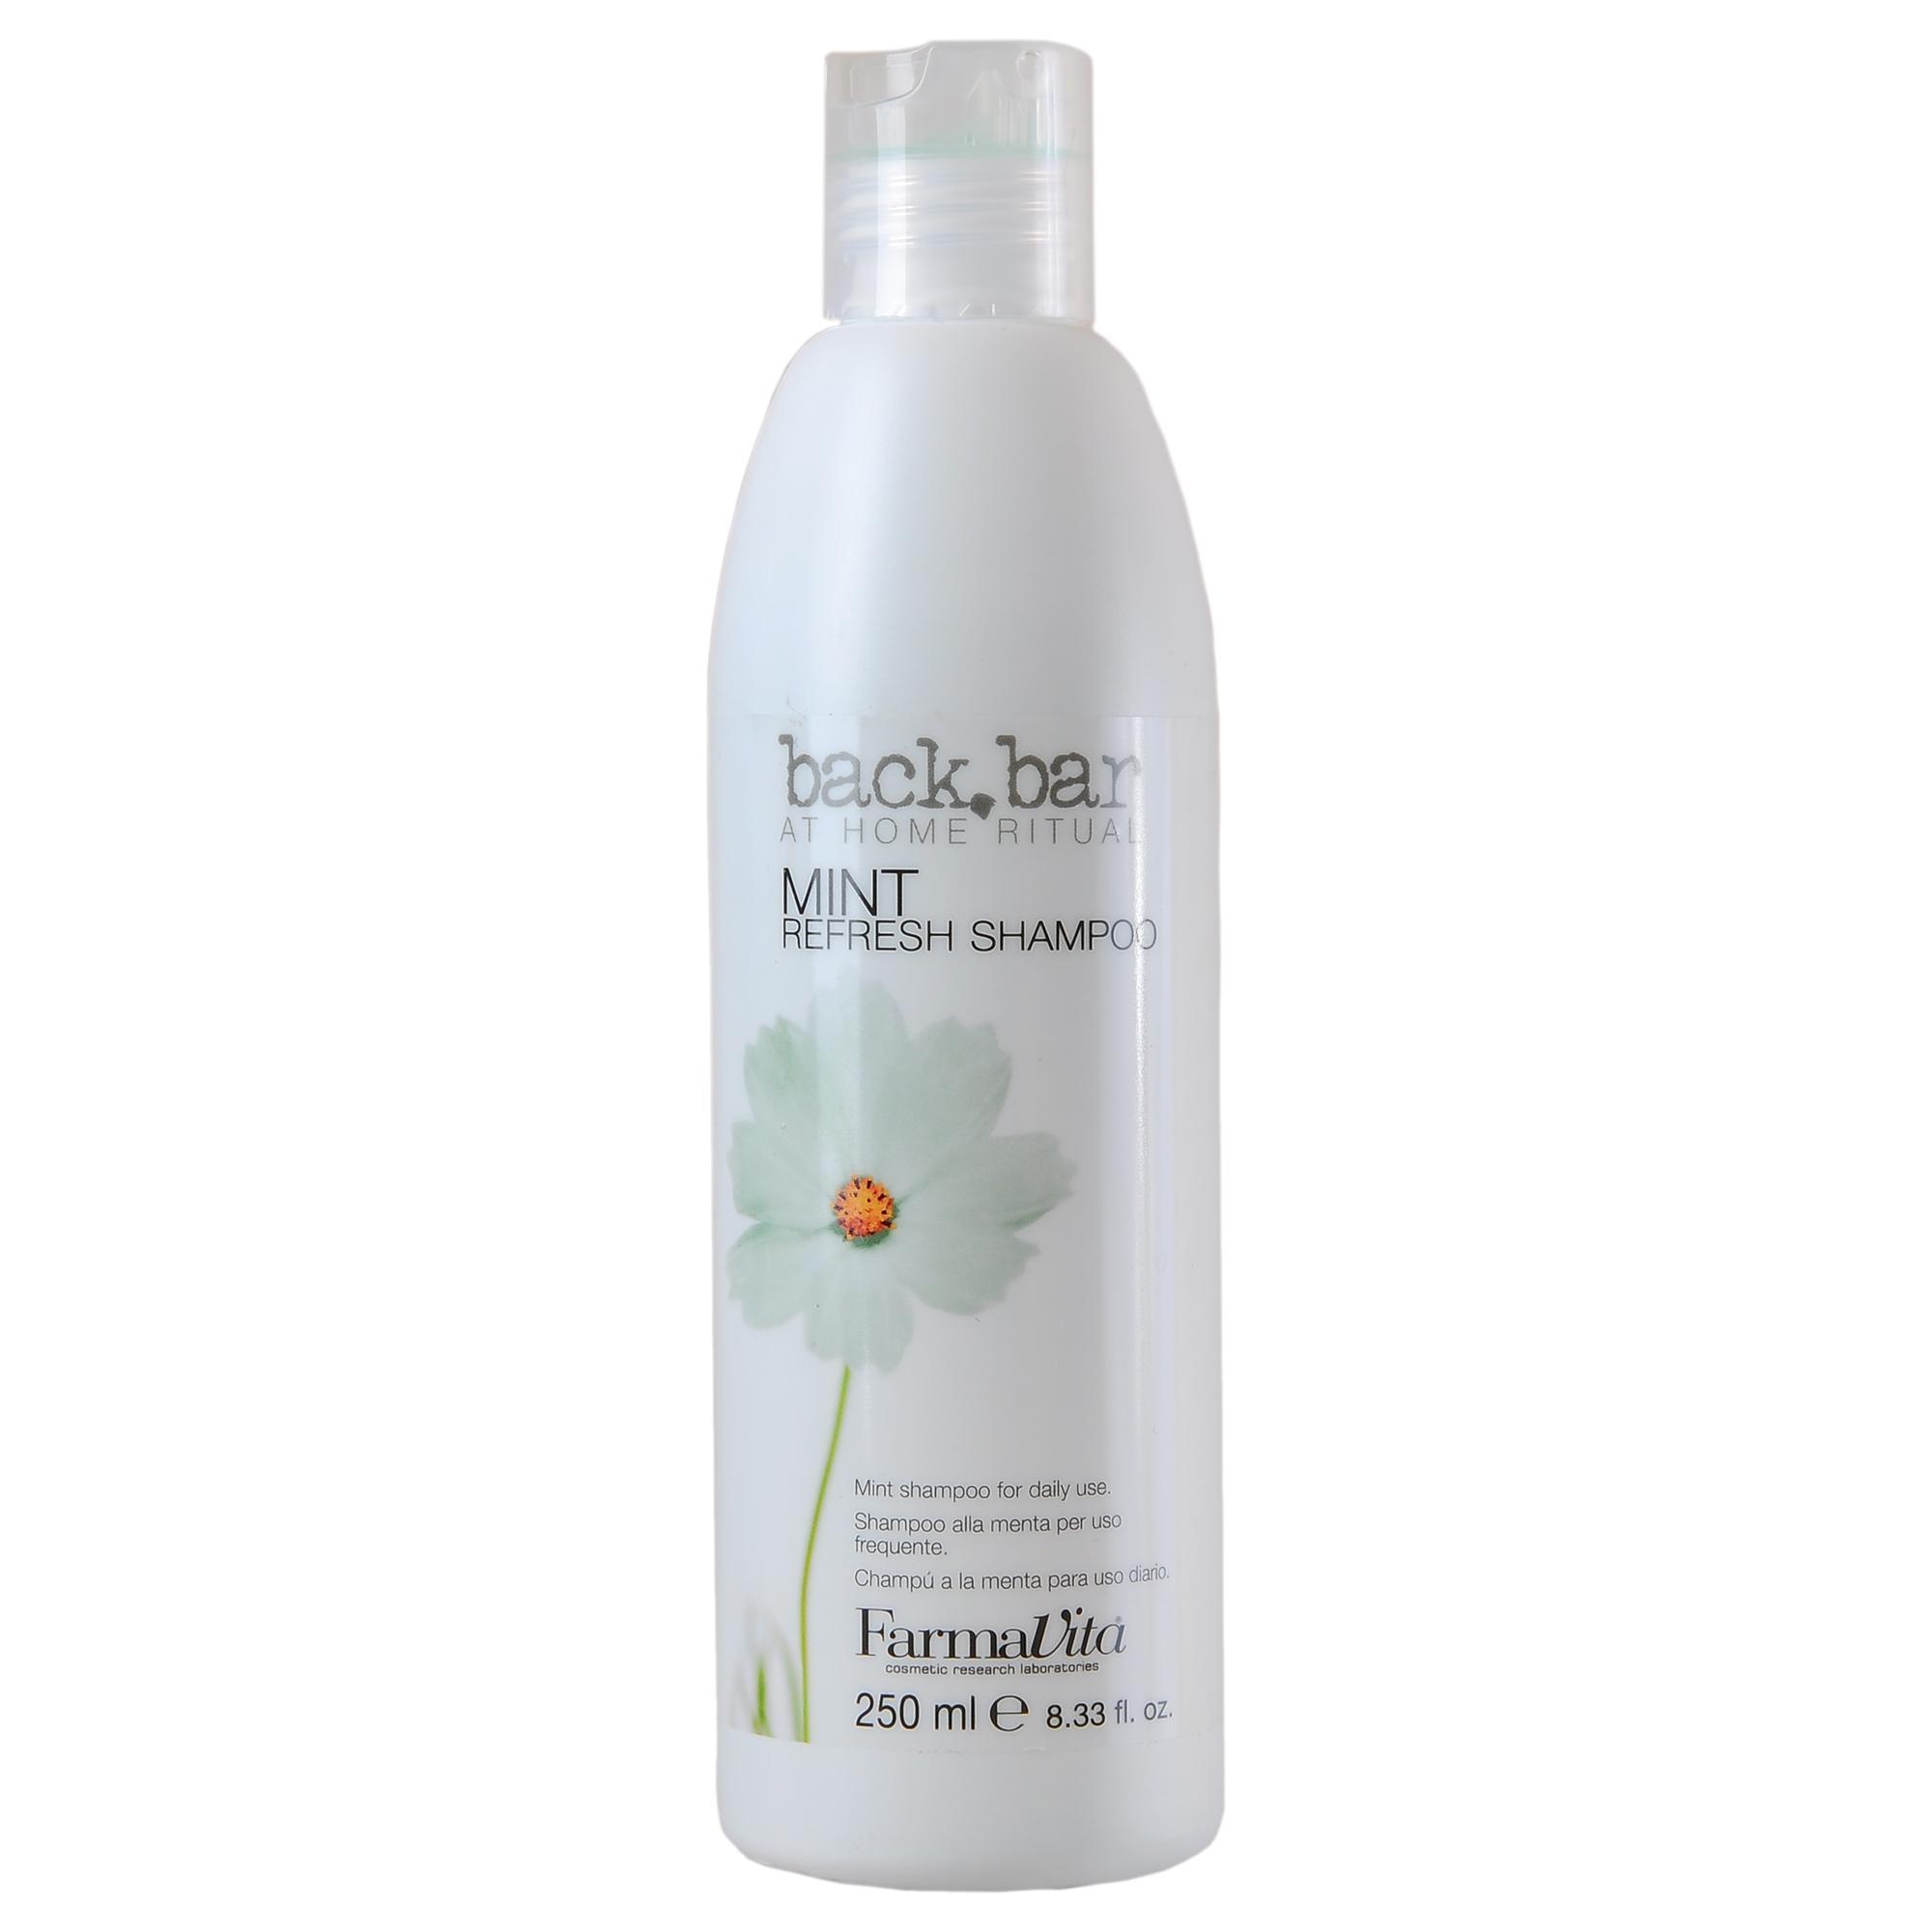 FARMAVITA ������� ���������� Mint Shampoo / BACK BAR 250 ��